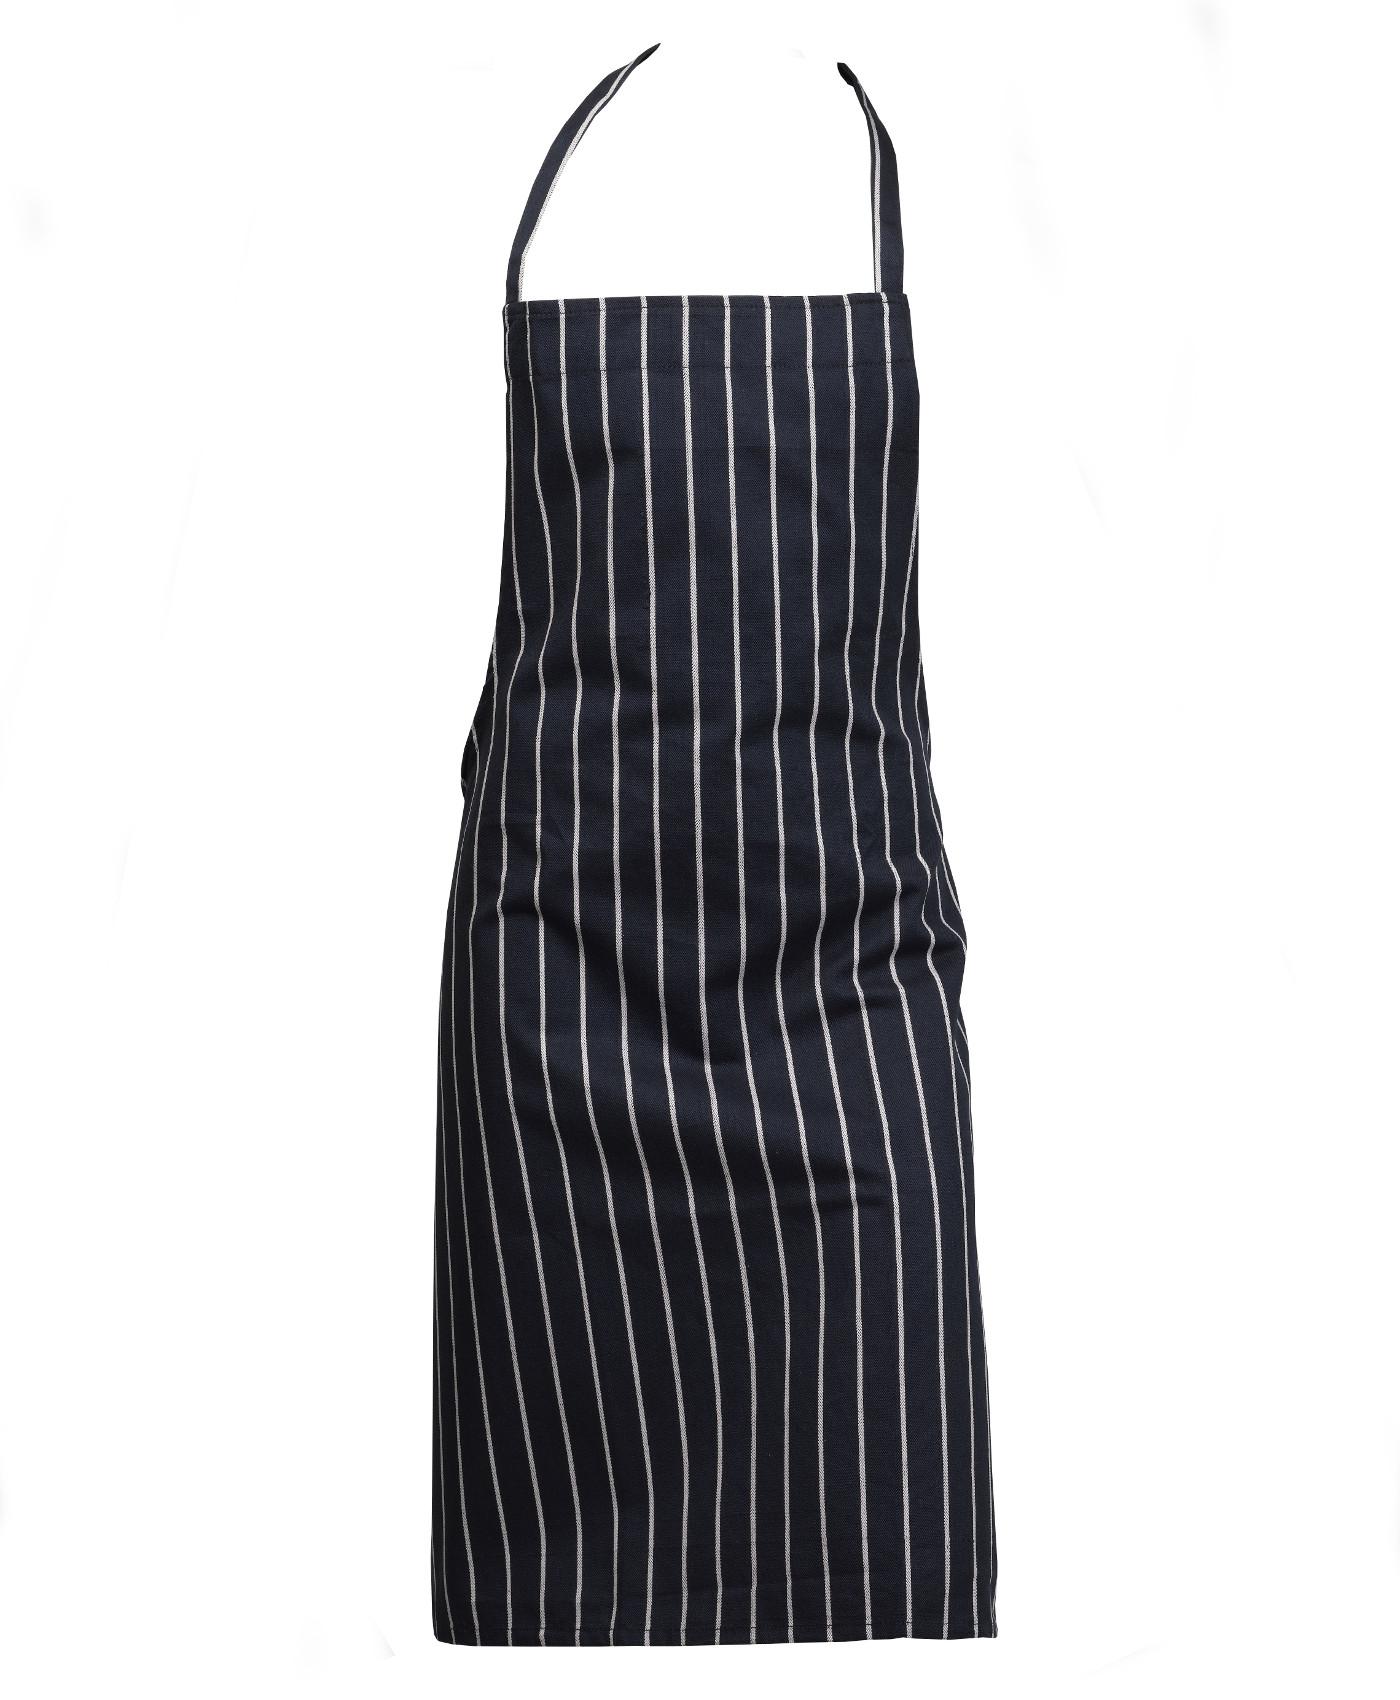 White bakers apron - 100 Cotton Woven Stripe Butchers Bib Apron Cooks